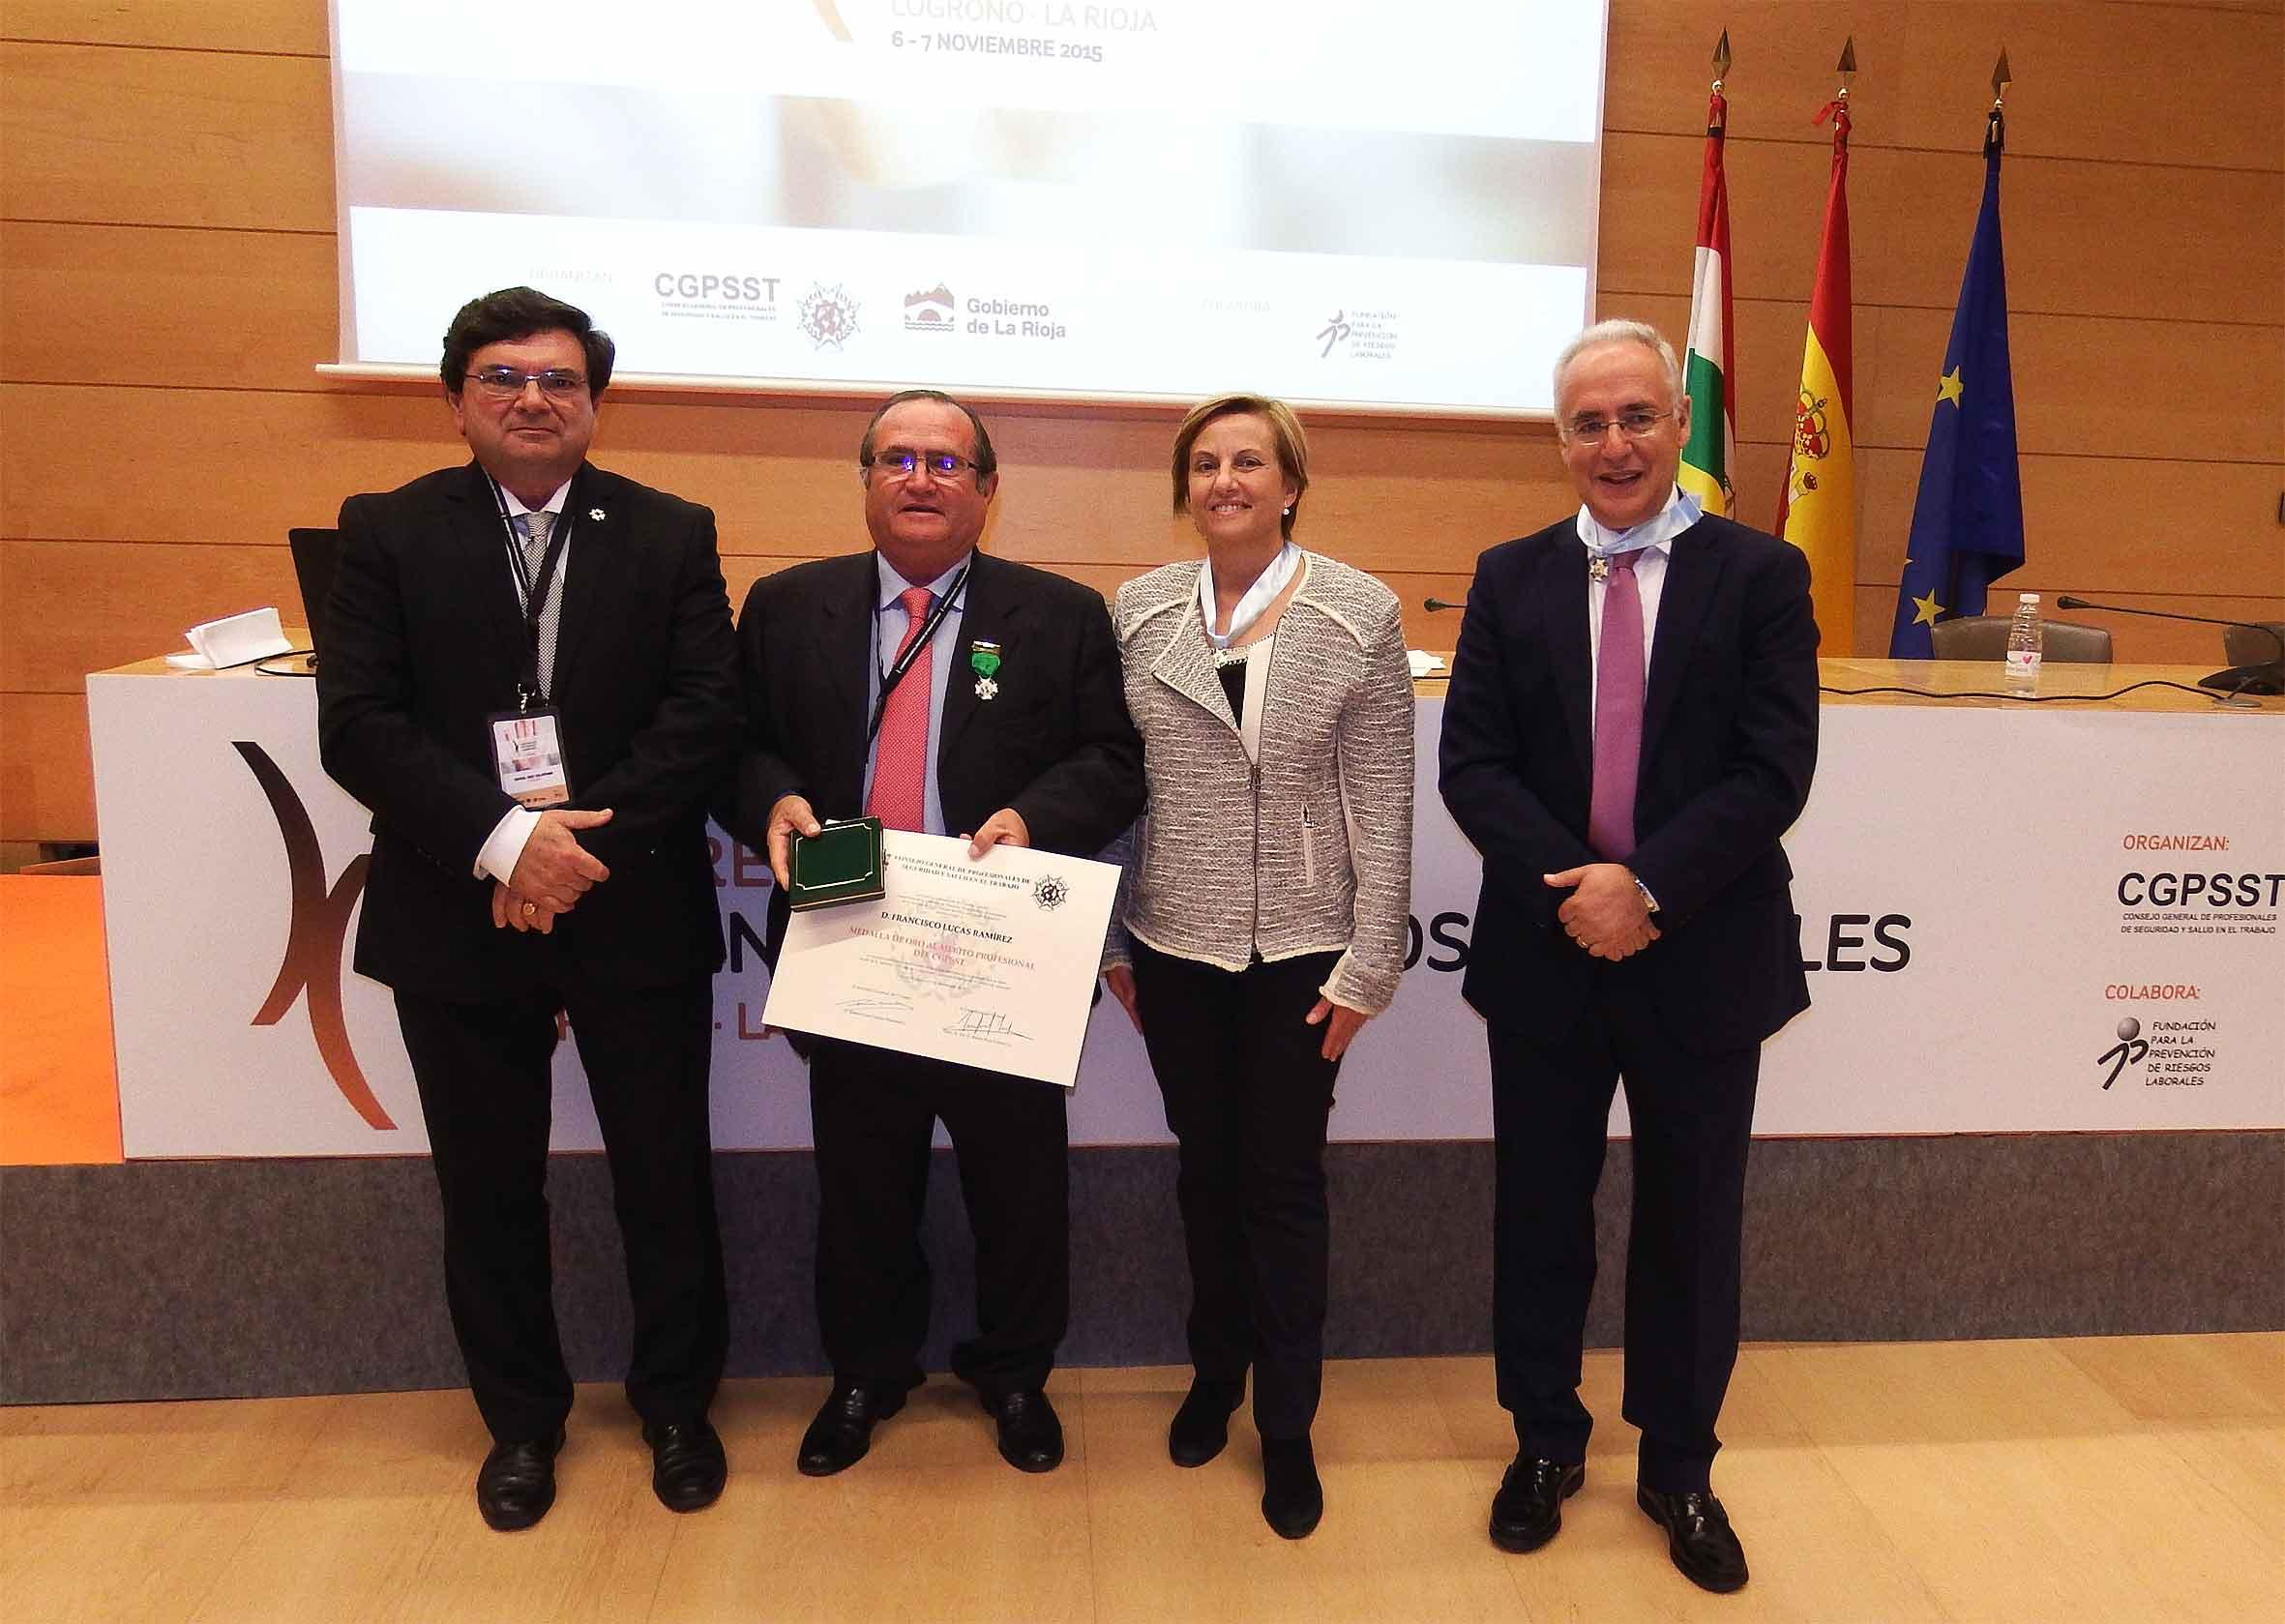 Francisco Lucas, medalla de oro al mérito profesional de la seguridad y salud en el trabajo